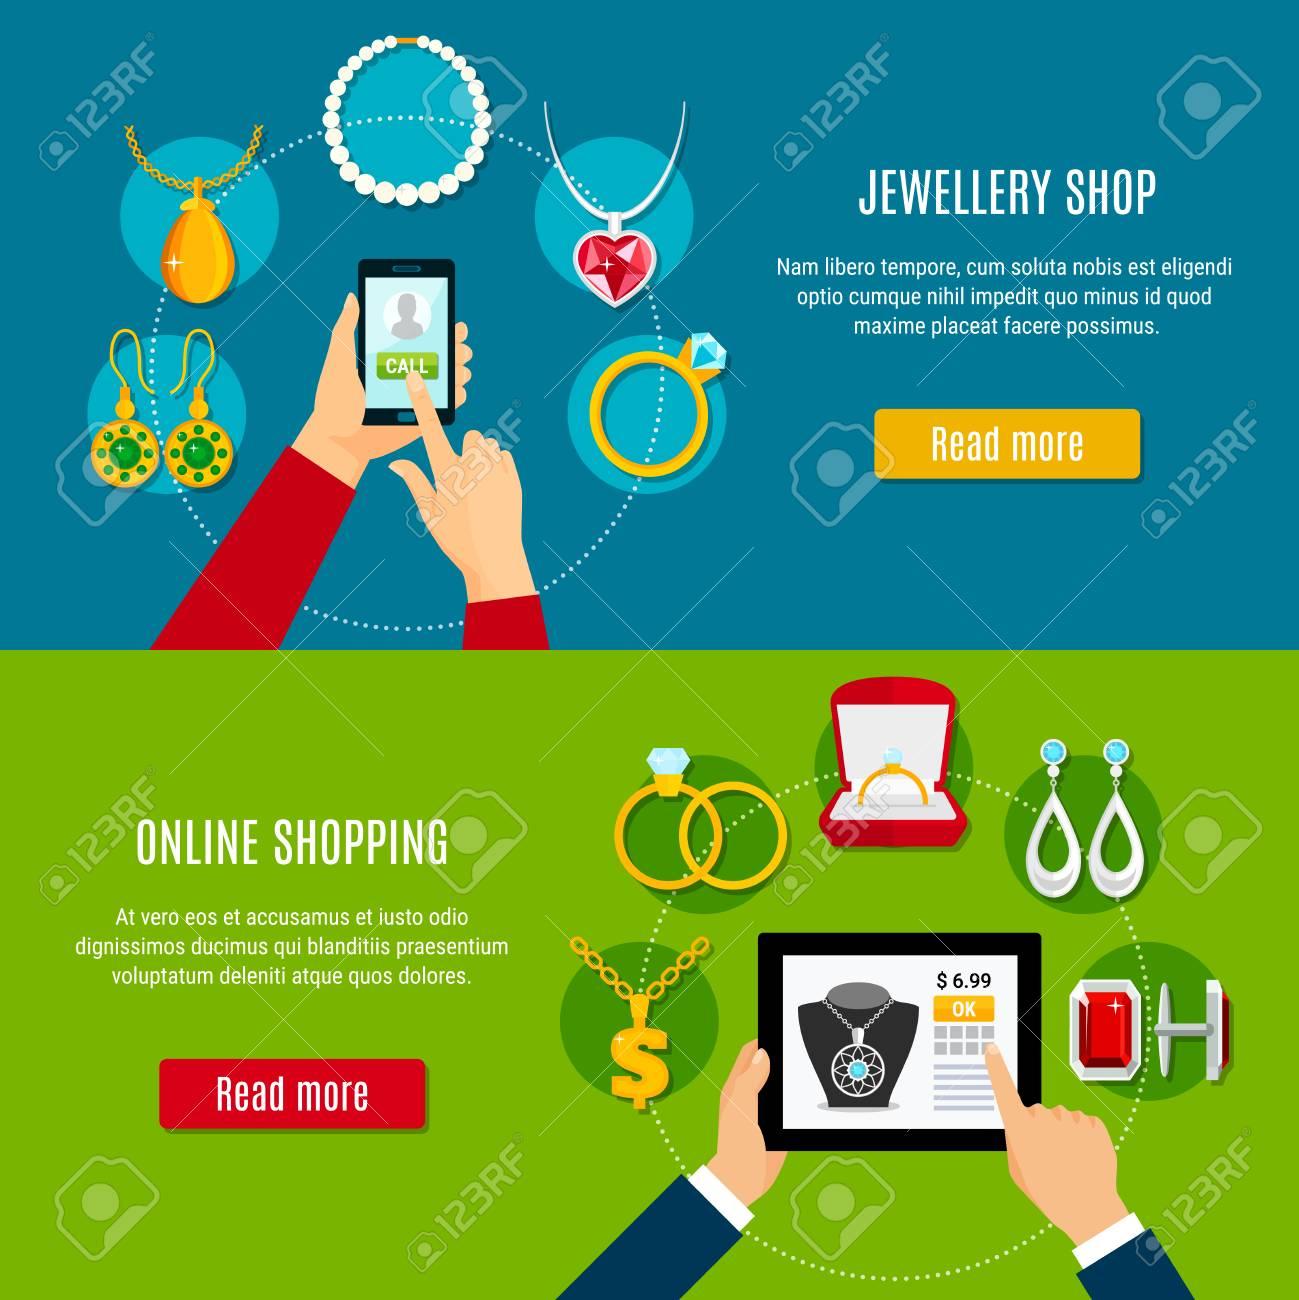 72211287b8 Banners horizontales de tienda de joyería con dispositivo móvil en mano para  comprar decoraciones en línea